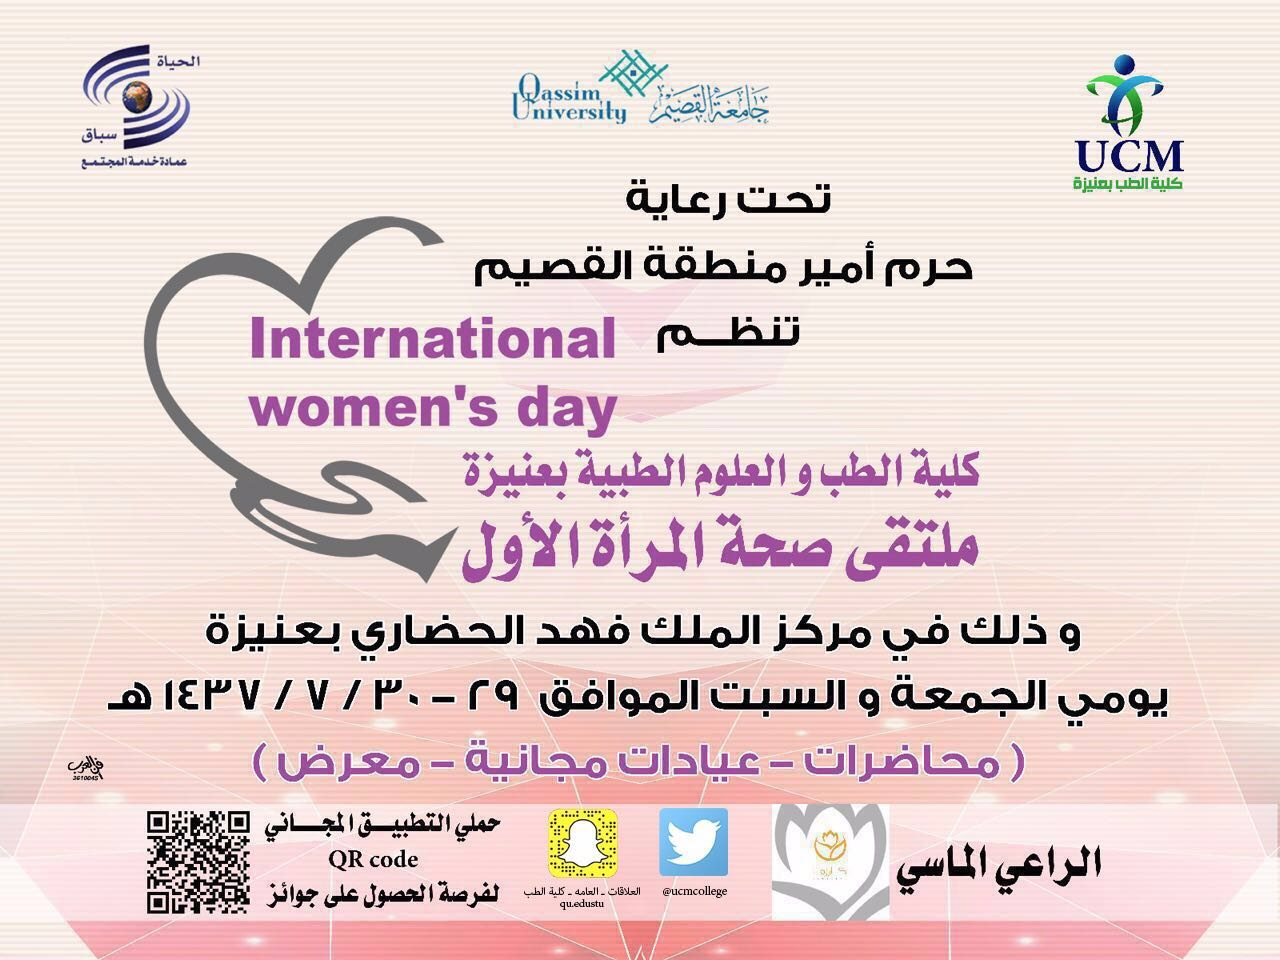 دعوة مجمع السلام الطبي لملتقى صحة المرأة الاول